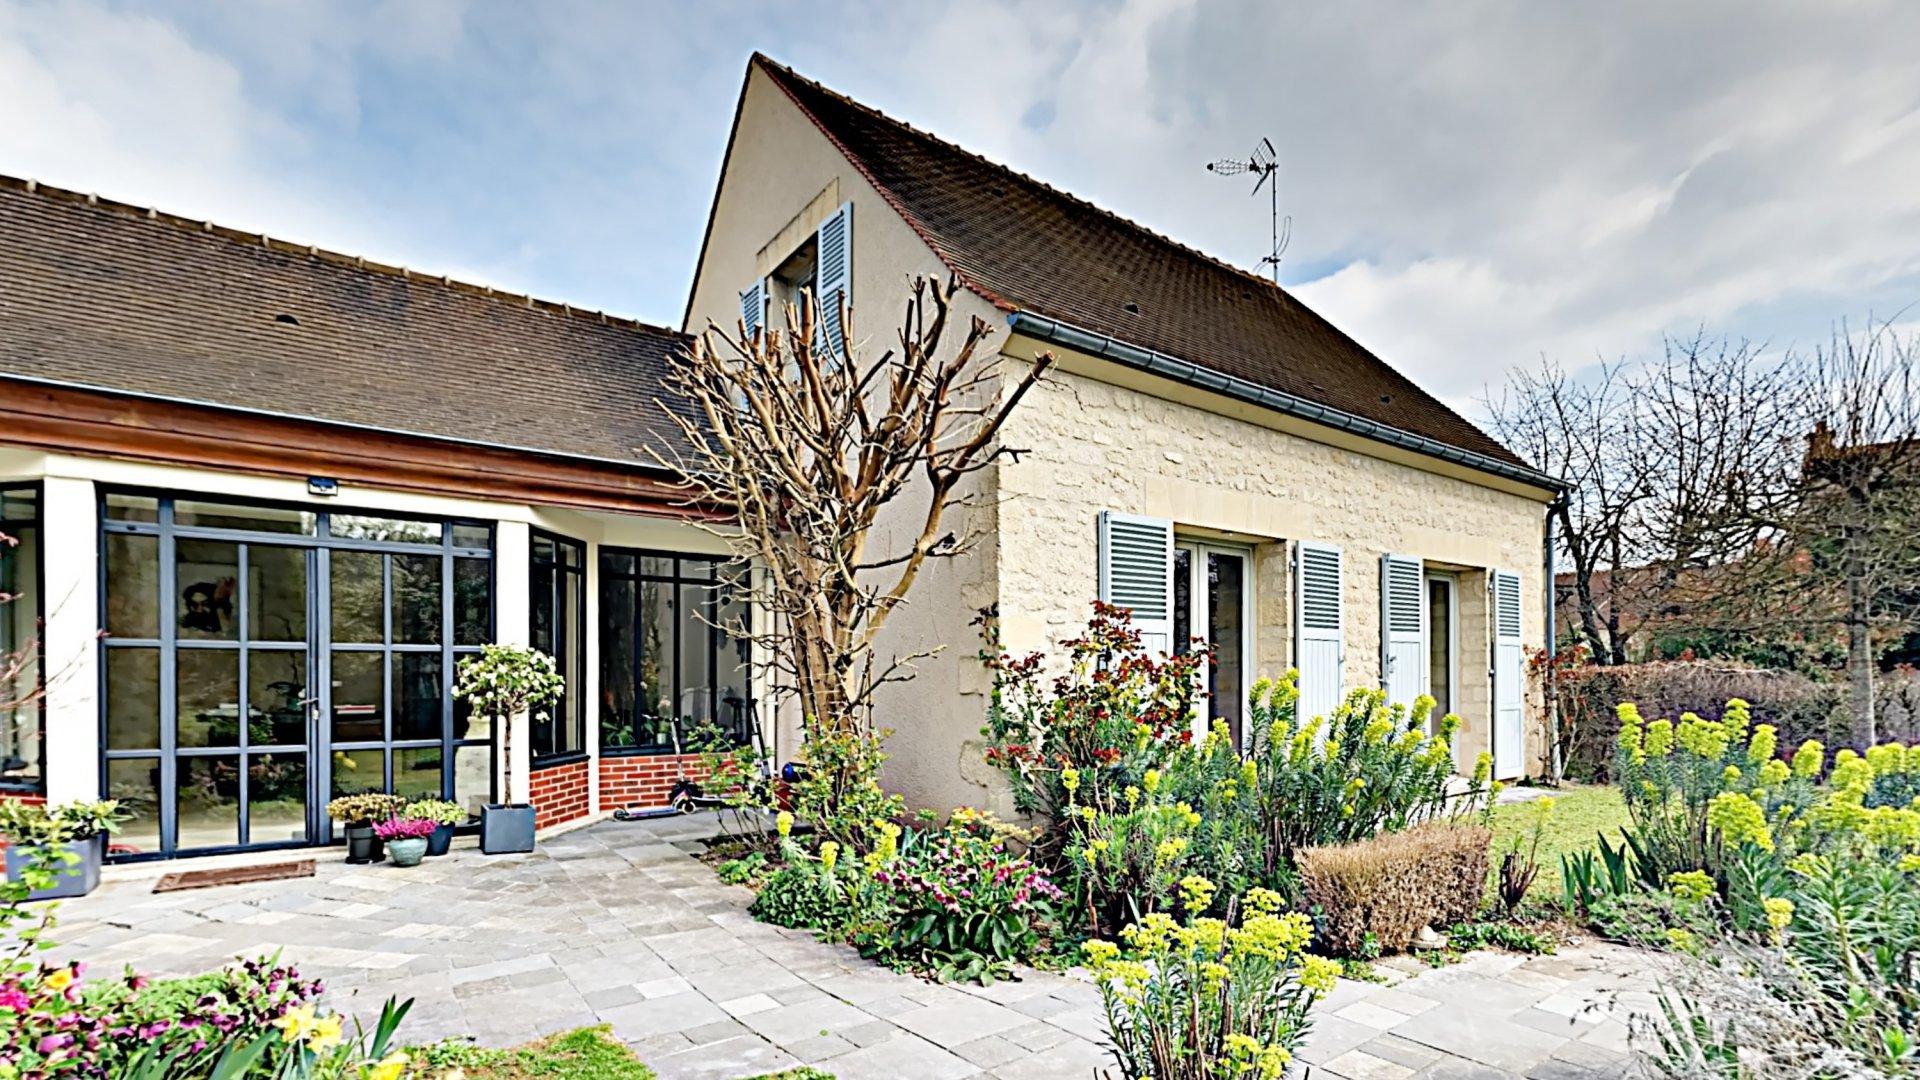 Vente Maison familiale 9 pièces - Senlis - 60300